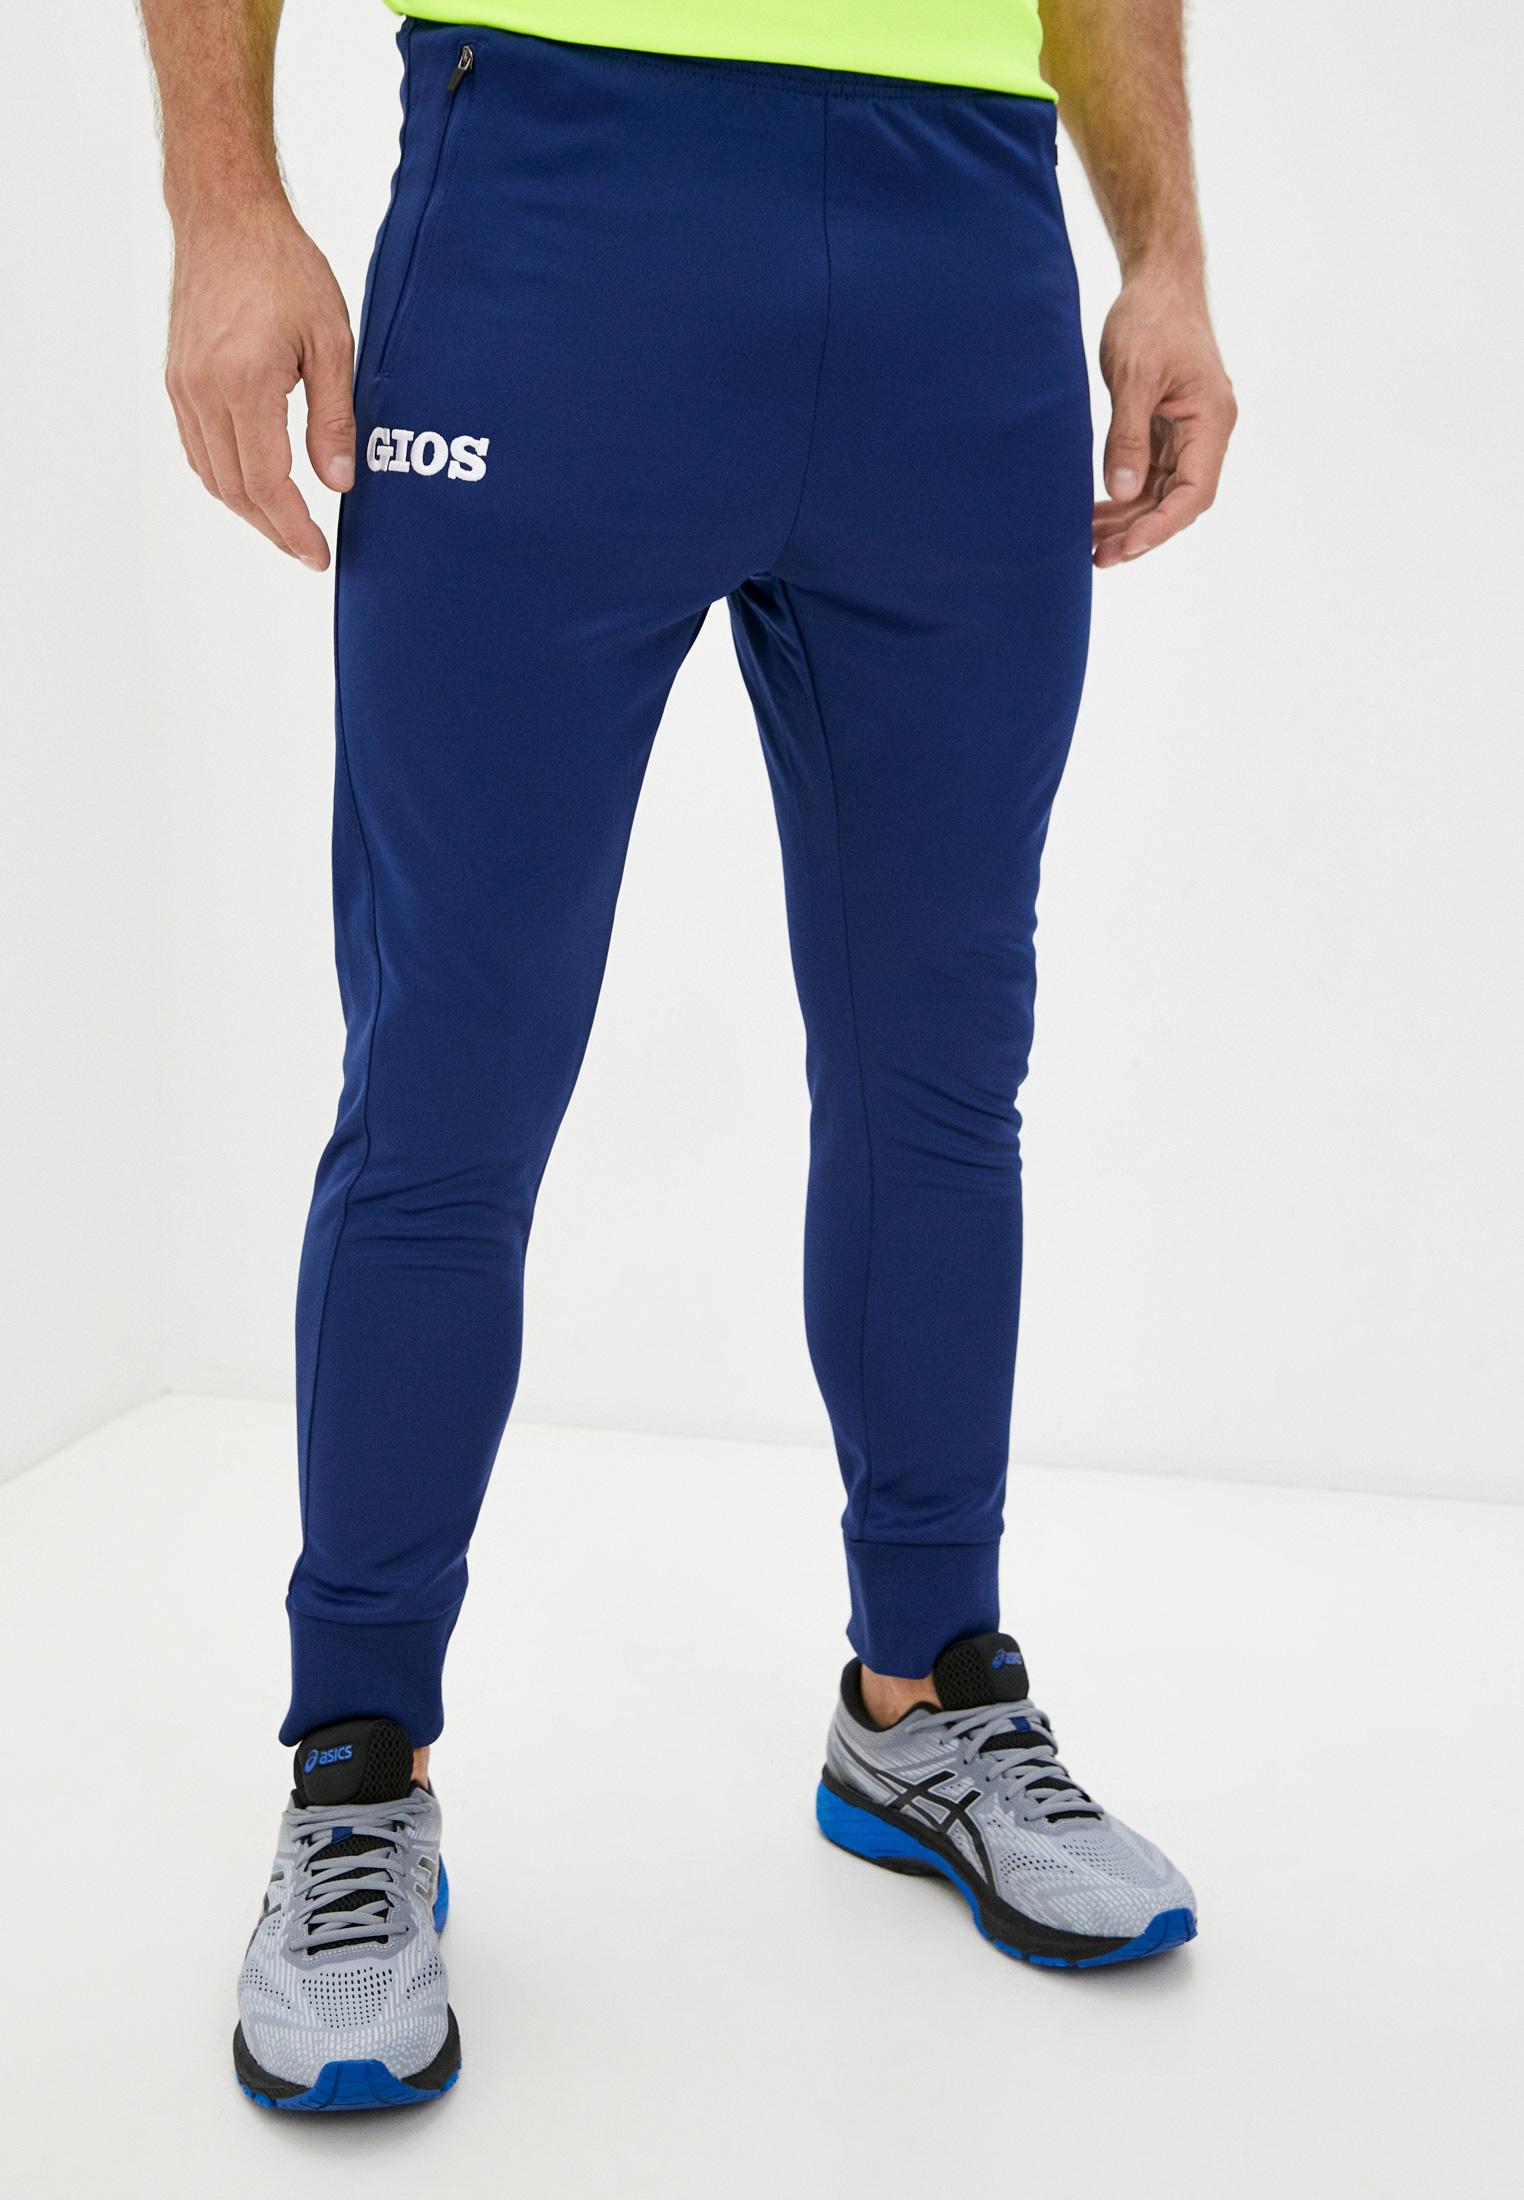 Мужские спортивные брюки Gios 207002